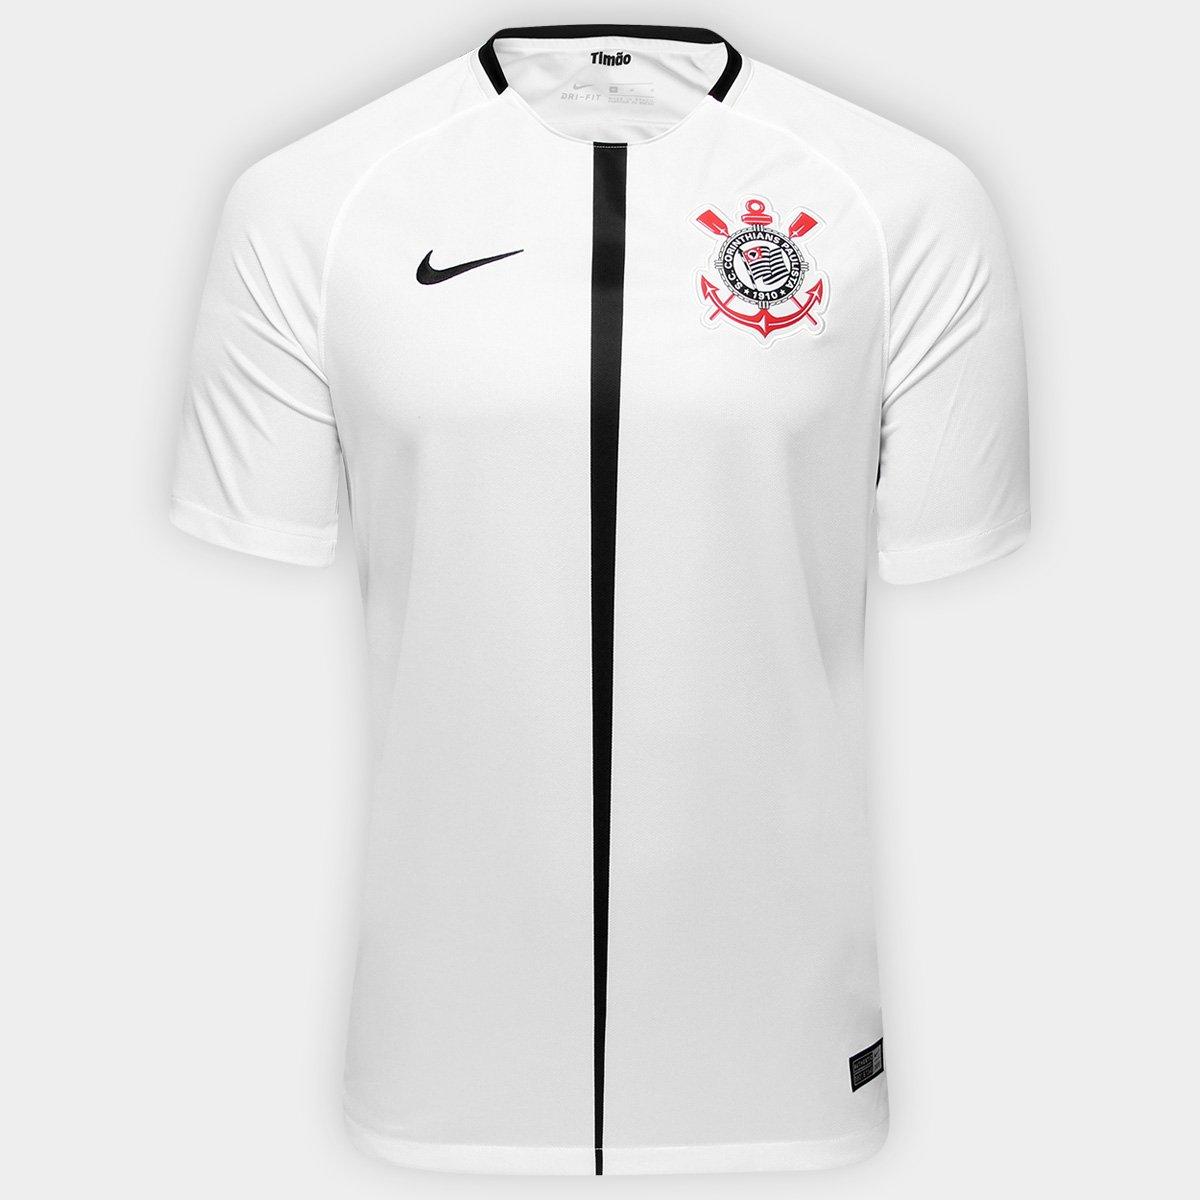 41cac791f Camisa Corinthians I 17 18 s nº Torcedor Nike Masculina - Branco e Preto -  Compre Agora